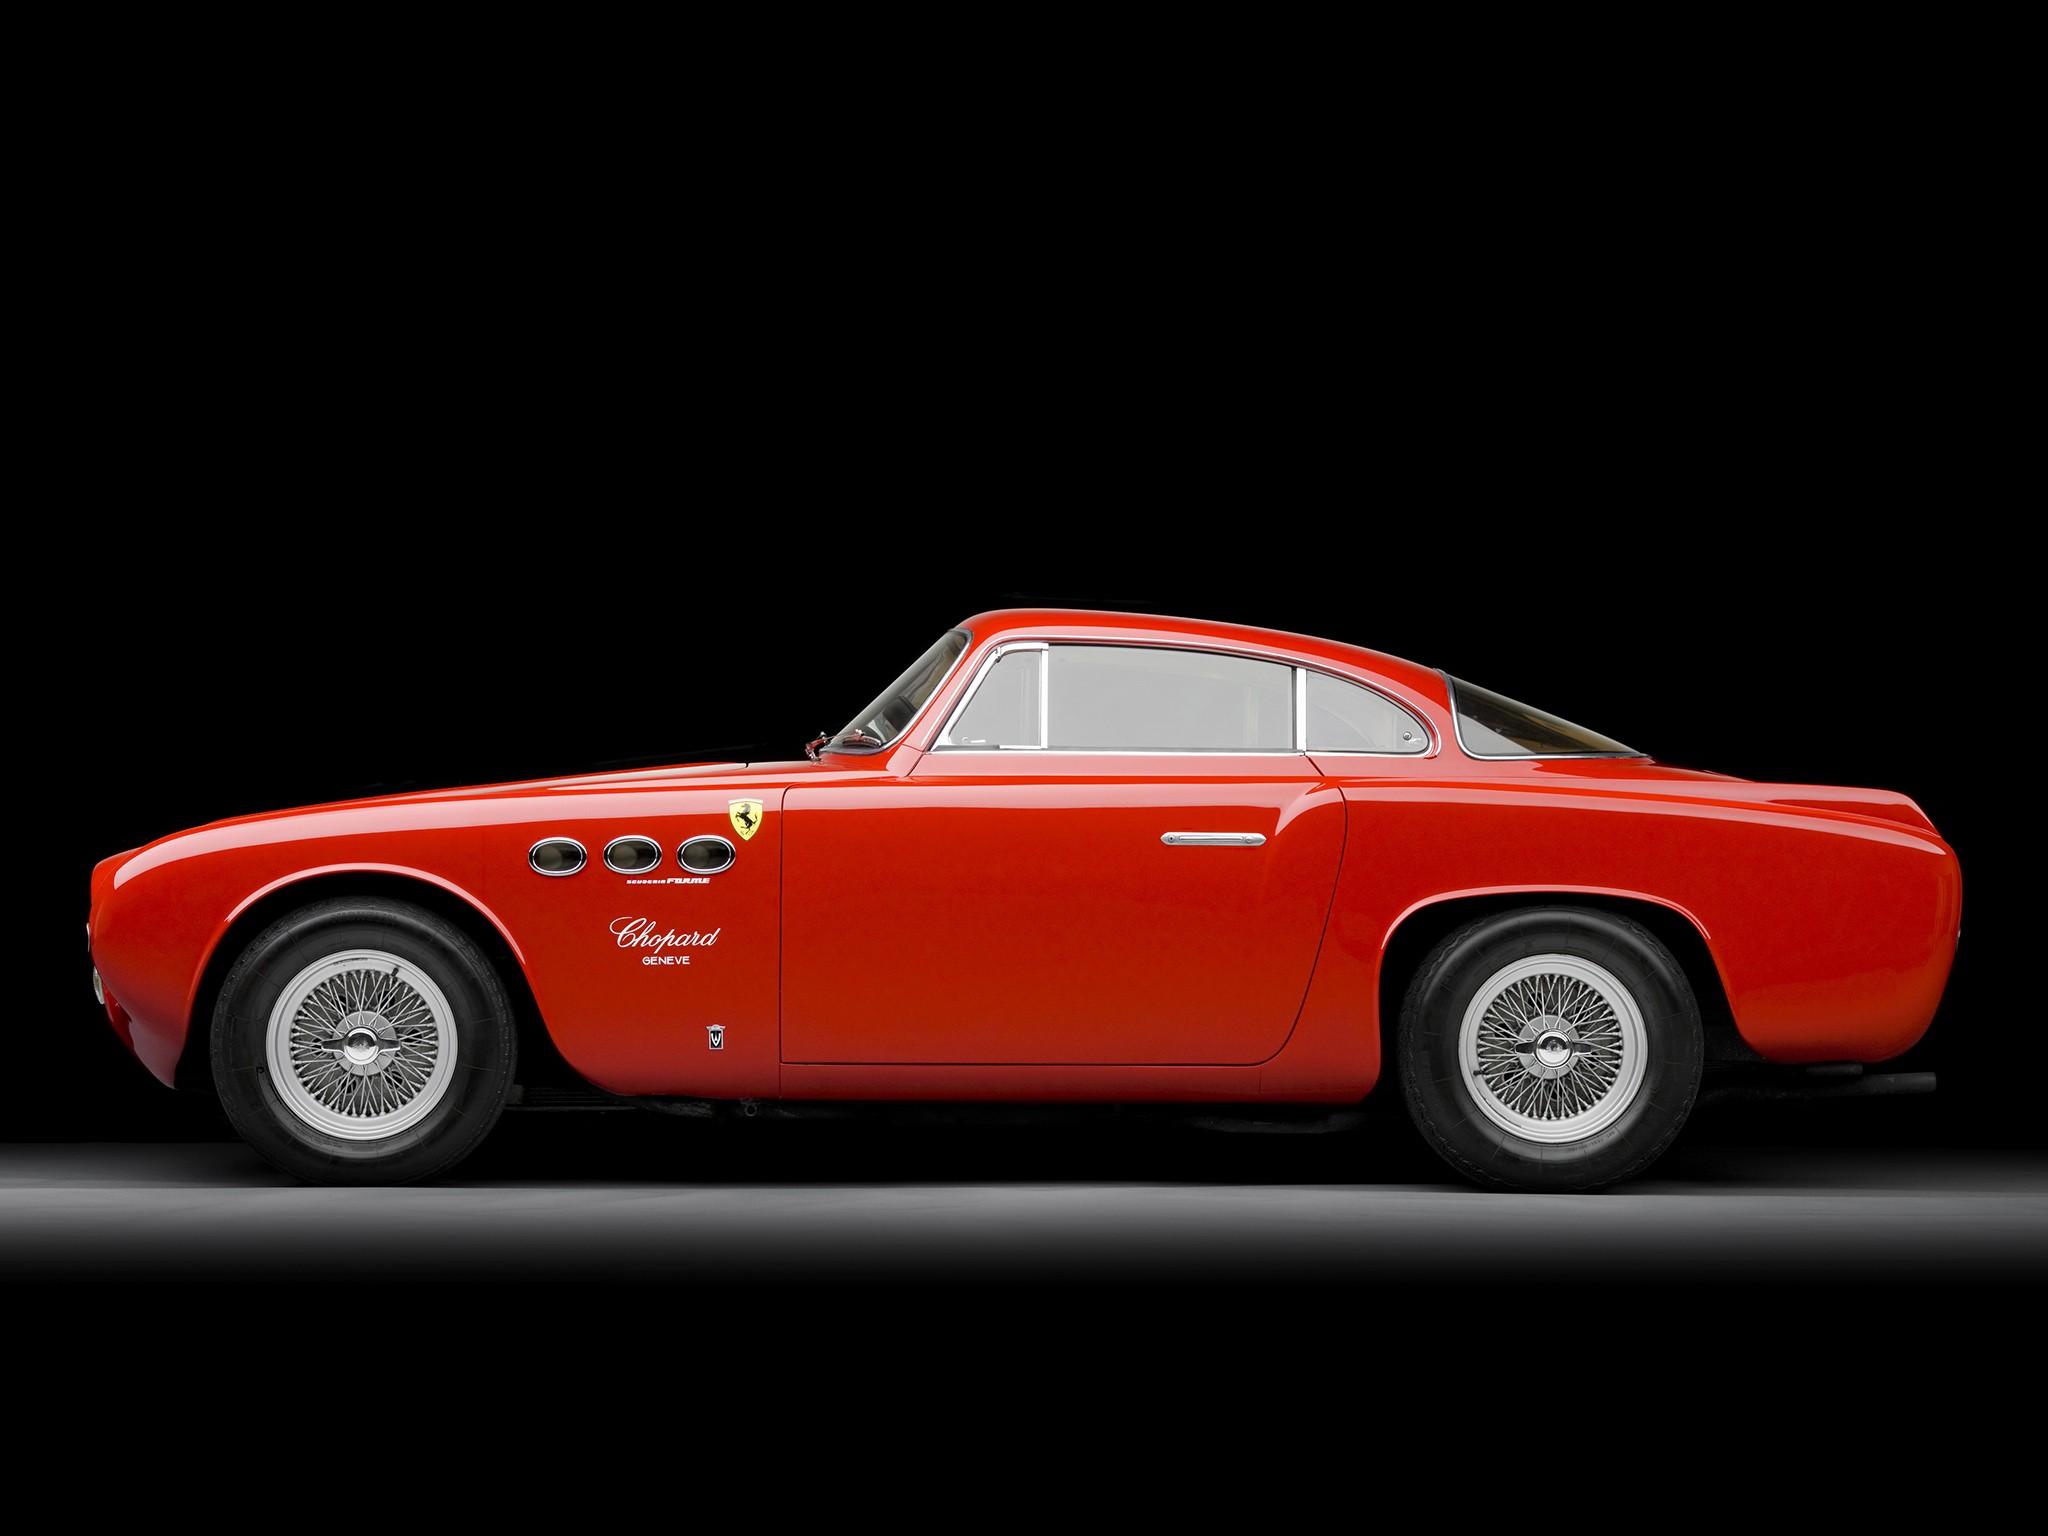 Ferrari 212 Inter Spezifikationen Fotos 1951 1952 1953 Autoevolution In Deutscher Sprache